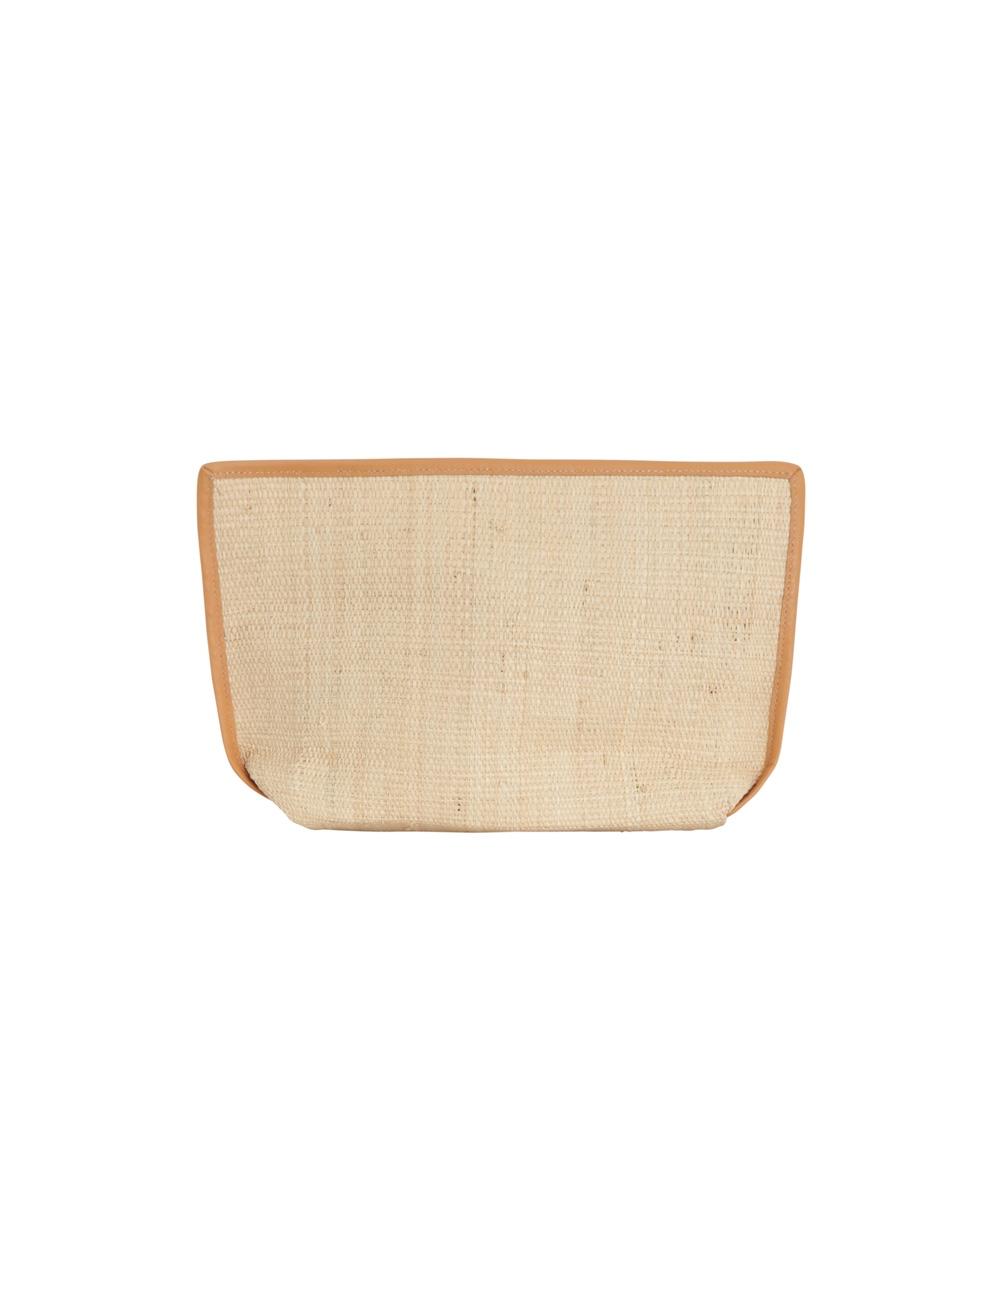 Raffia Stripe Clutch